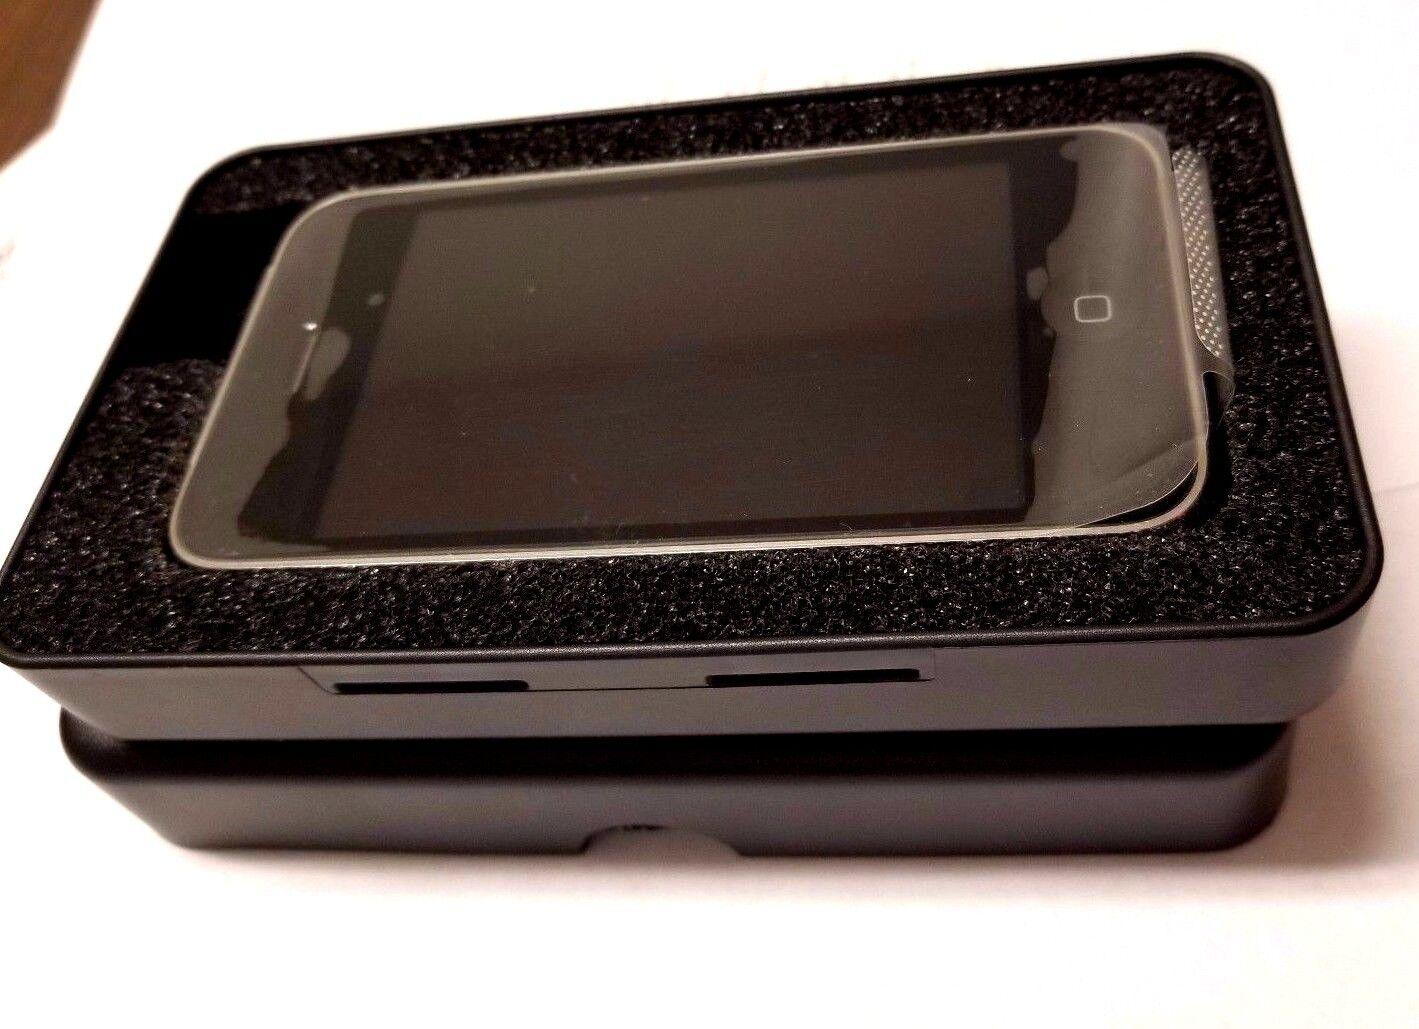 original apple iphone 3g 8gb f... Image 1